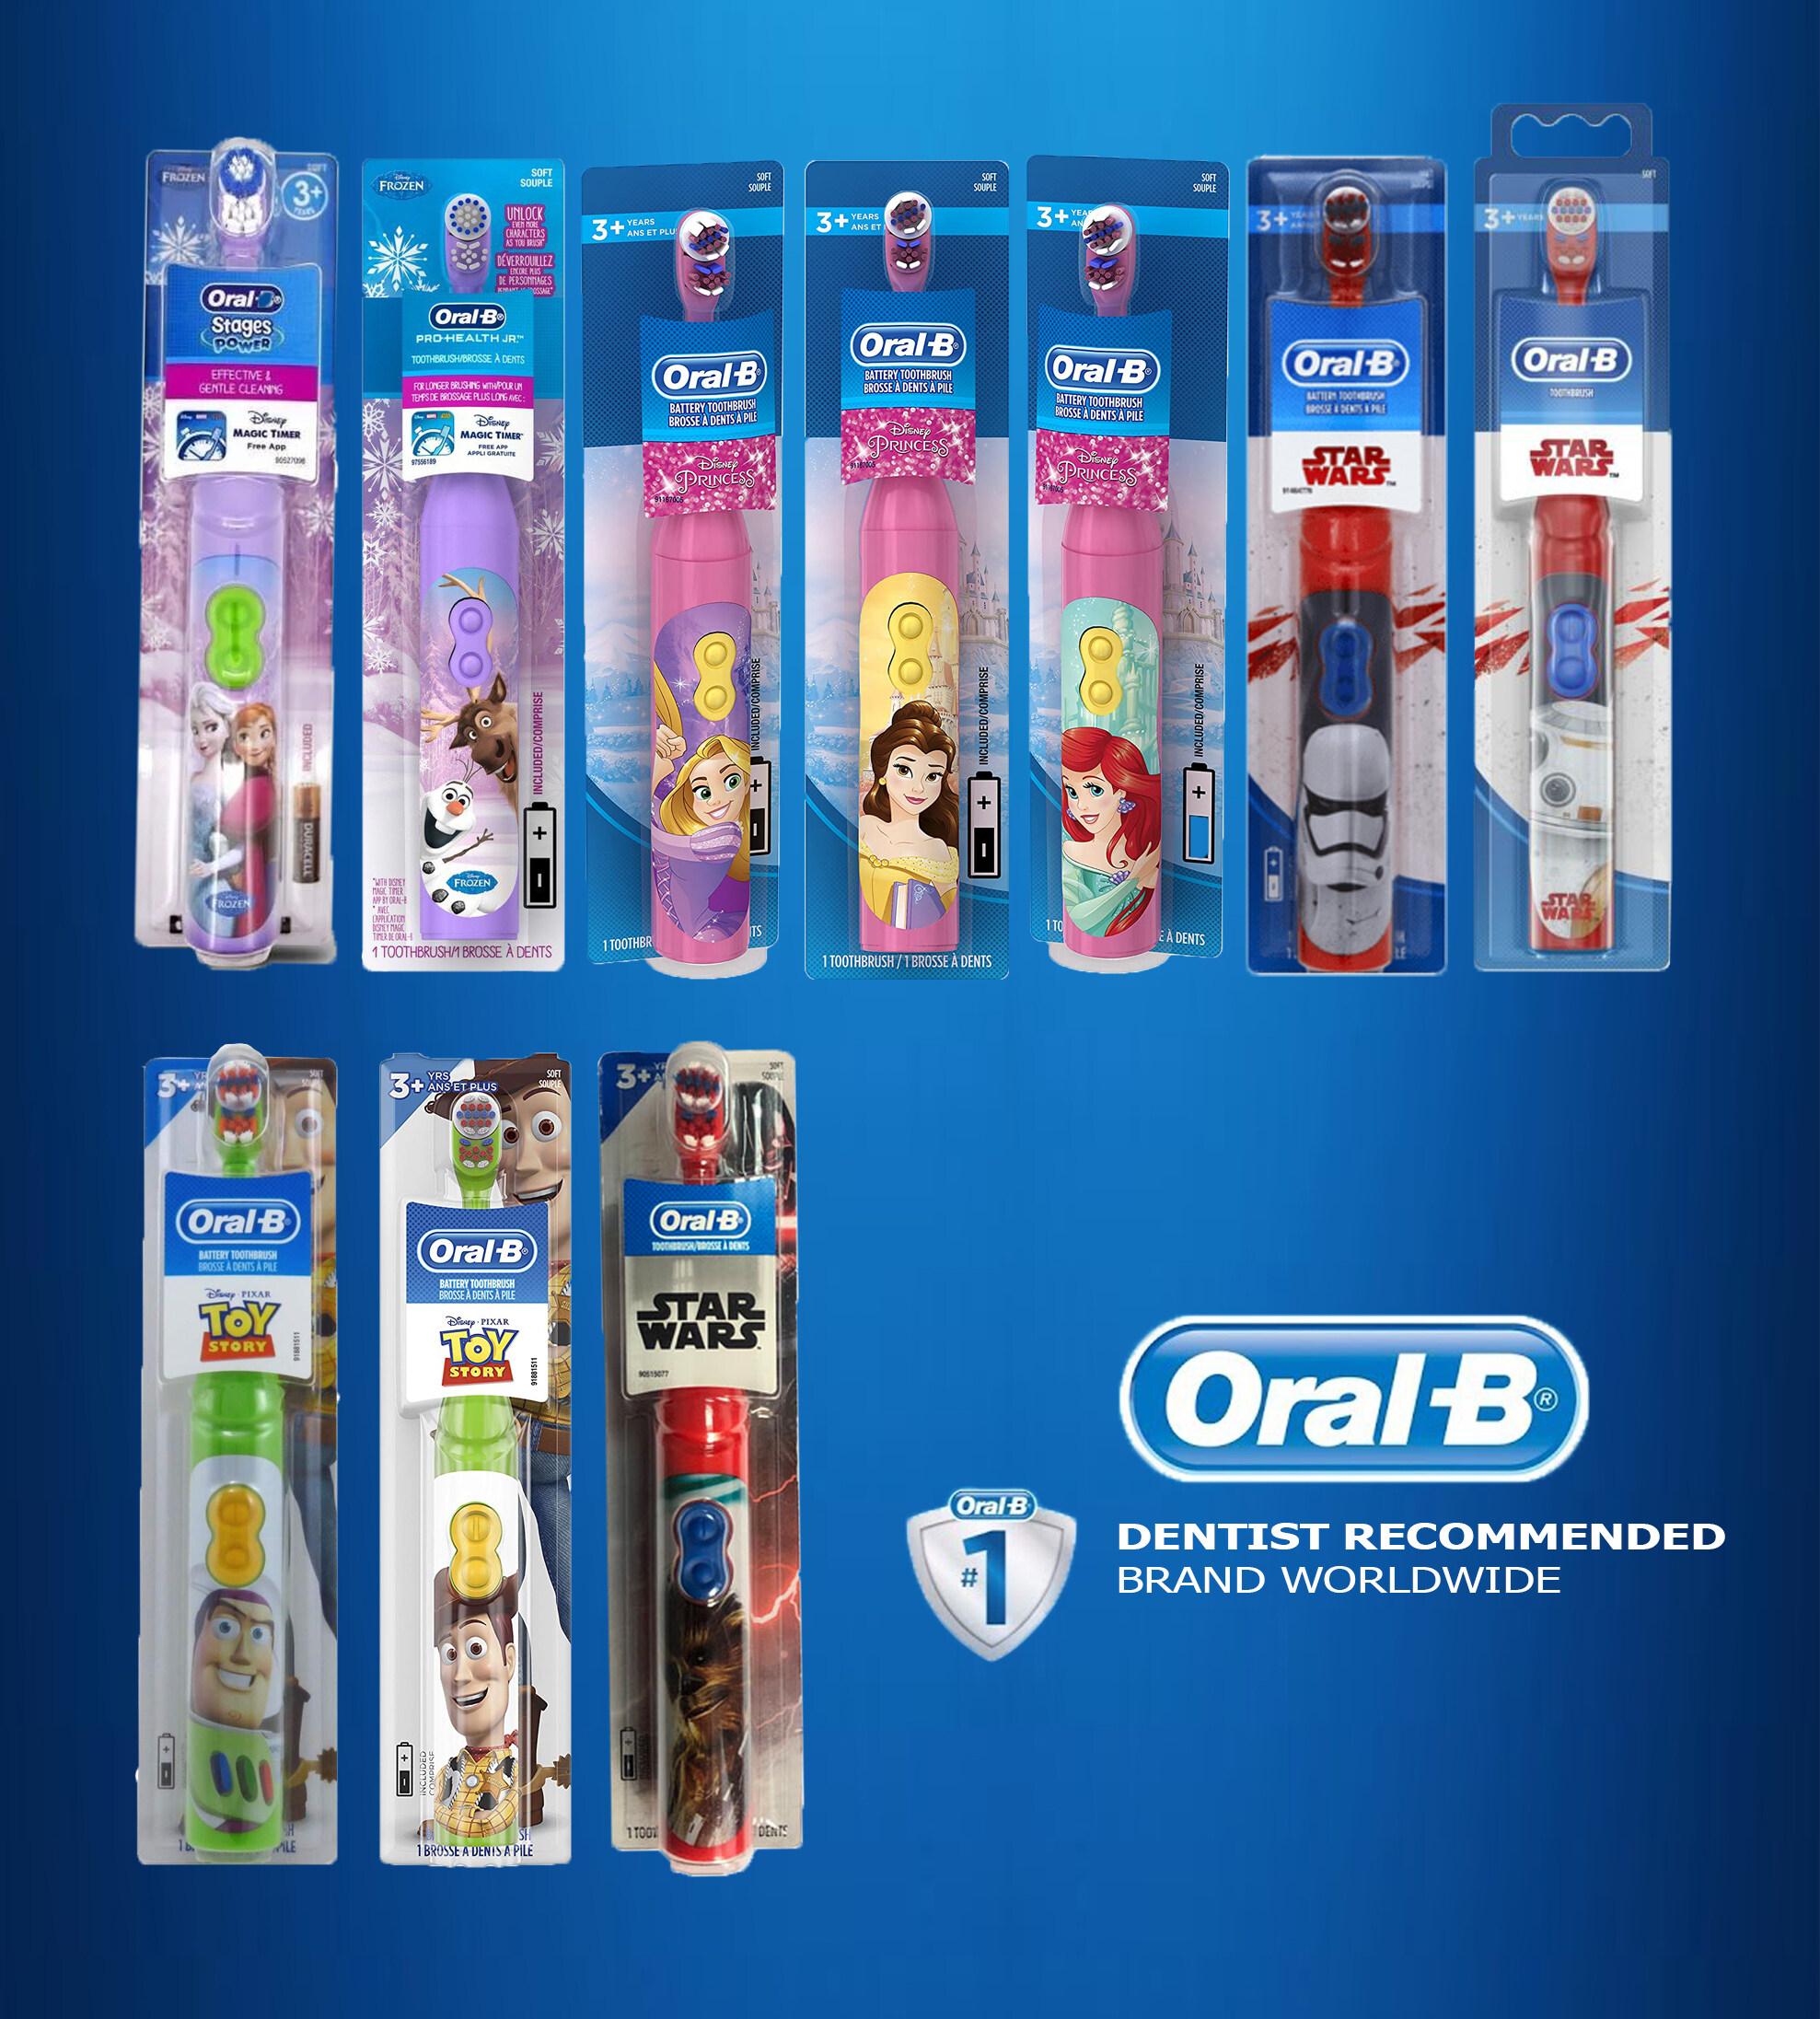 แปรงสีฟันเด็กไฟฟ้า ออลรัล บี คละแบบื Oral-B Kids Toothbrush